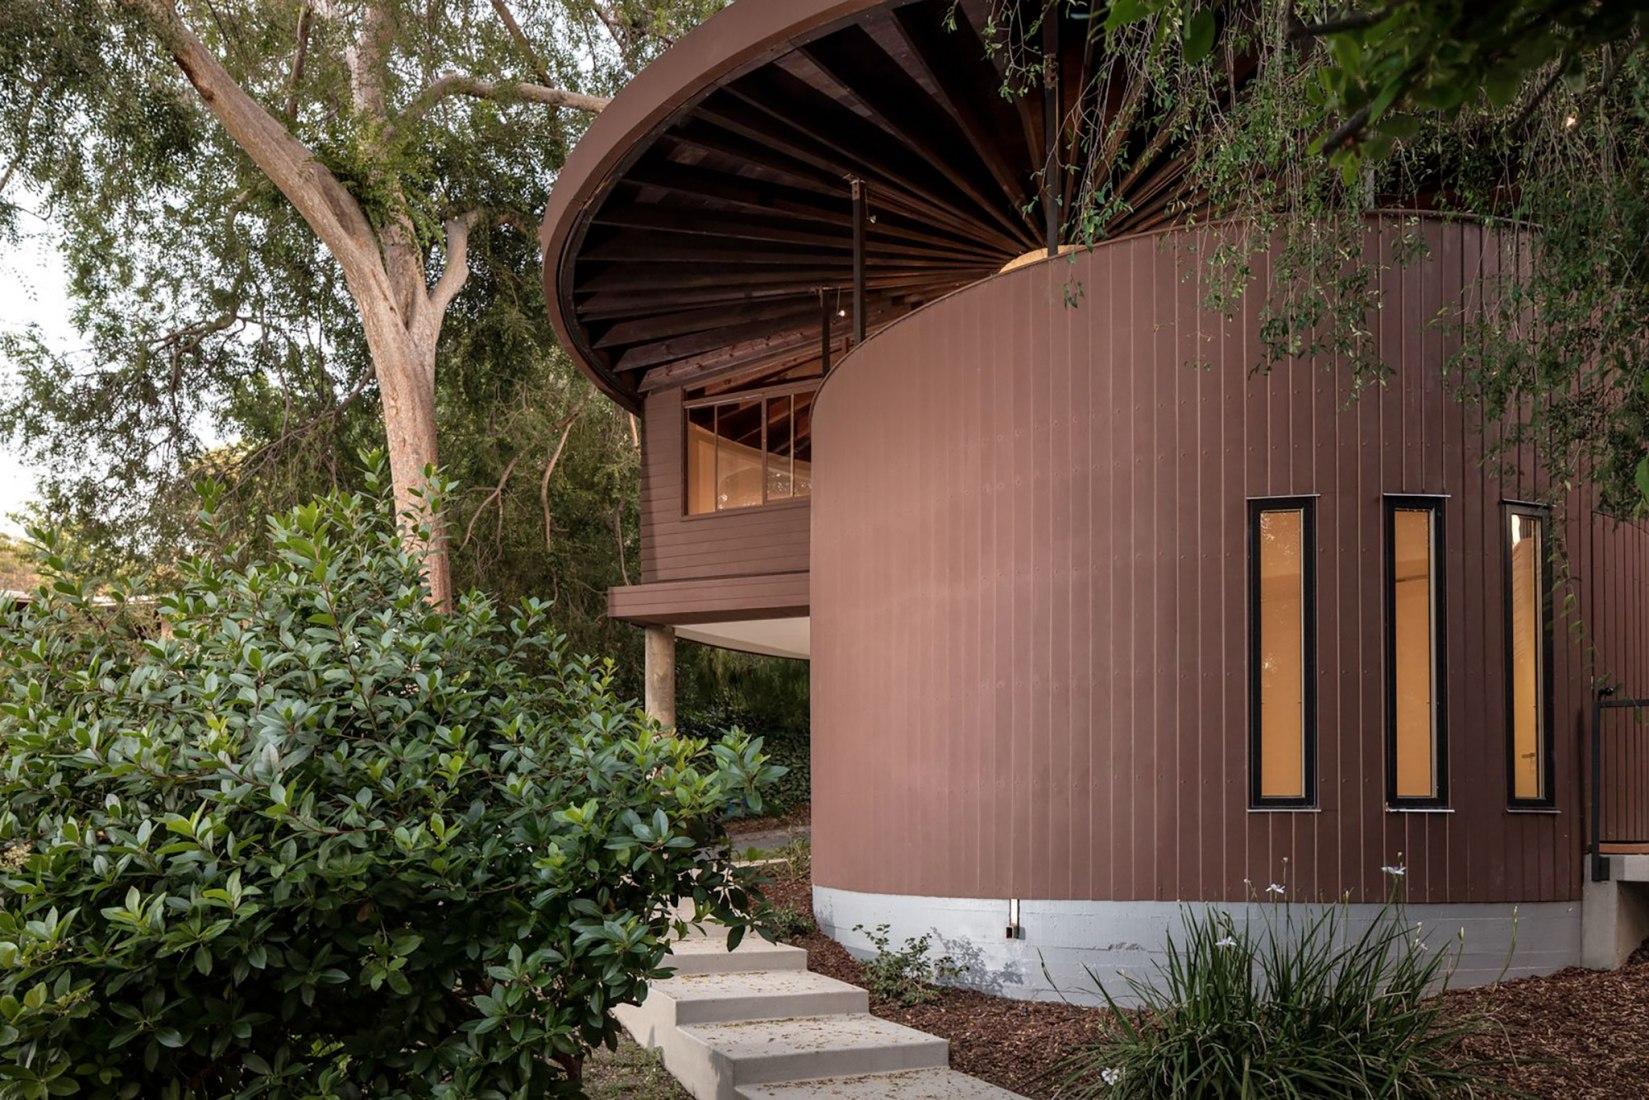 John Lautner's Sherman Oaks house. Image courtesy of realtor